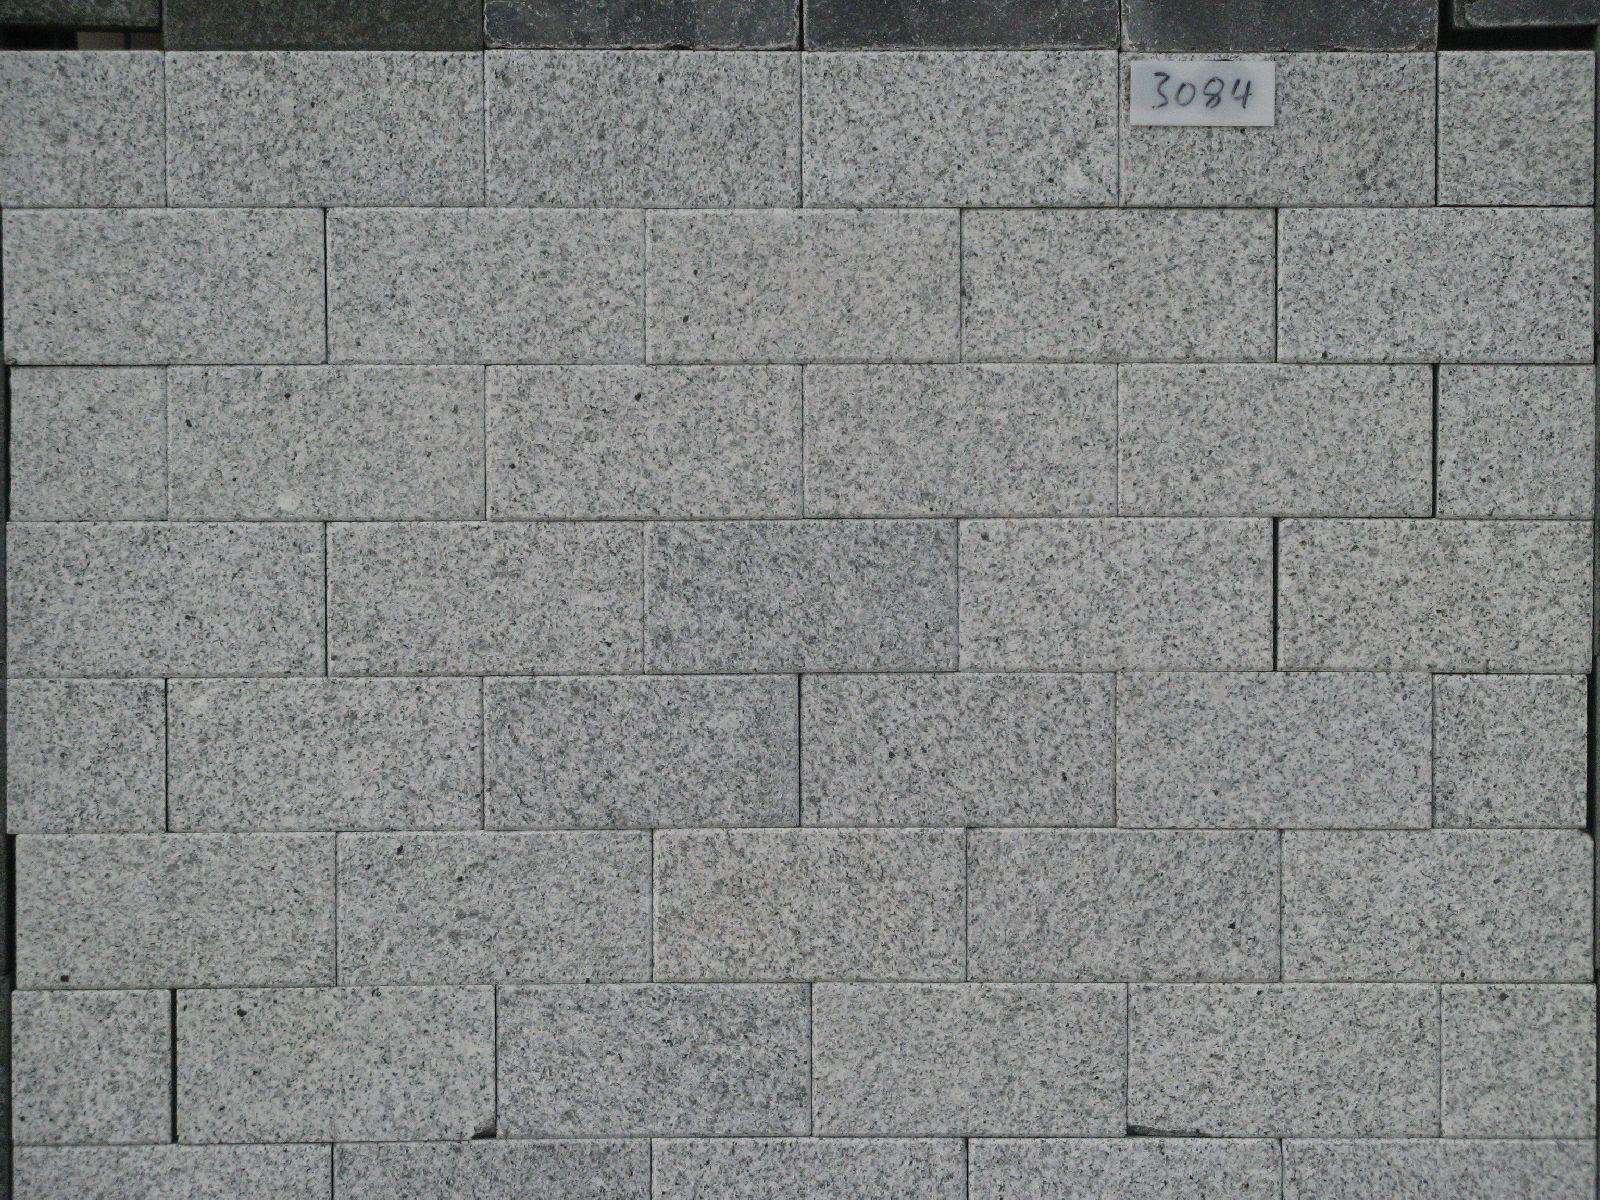 Ground-Urban_Texture_B_2923